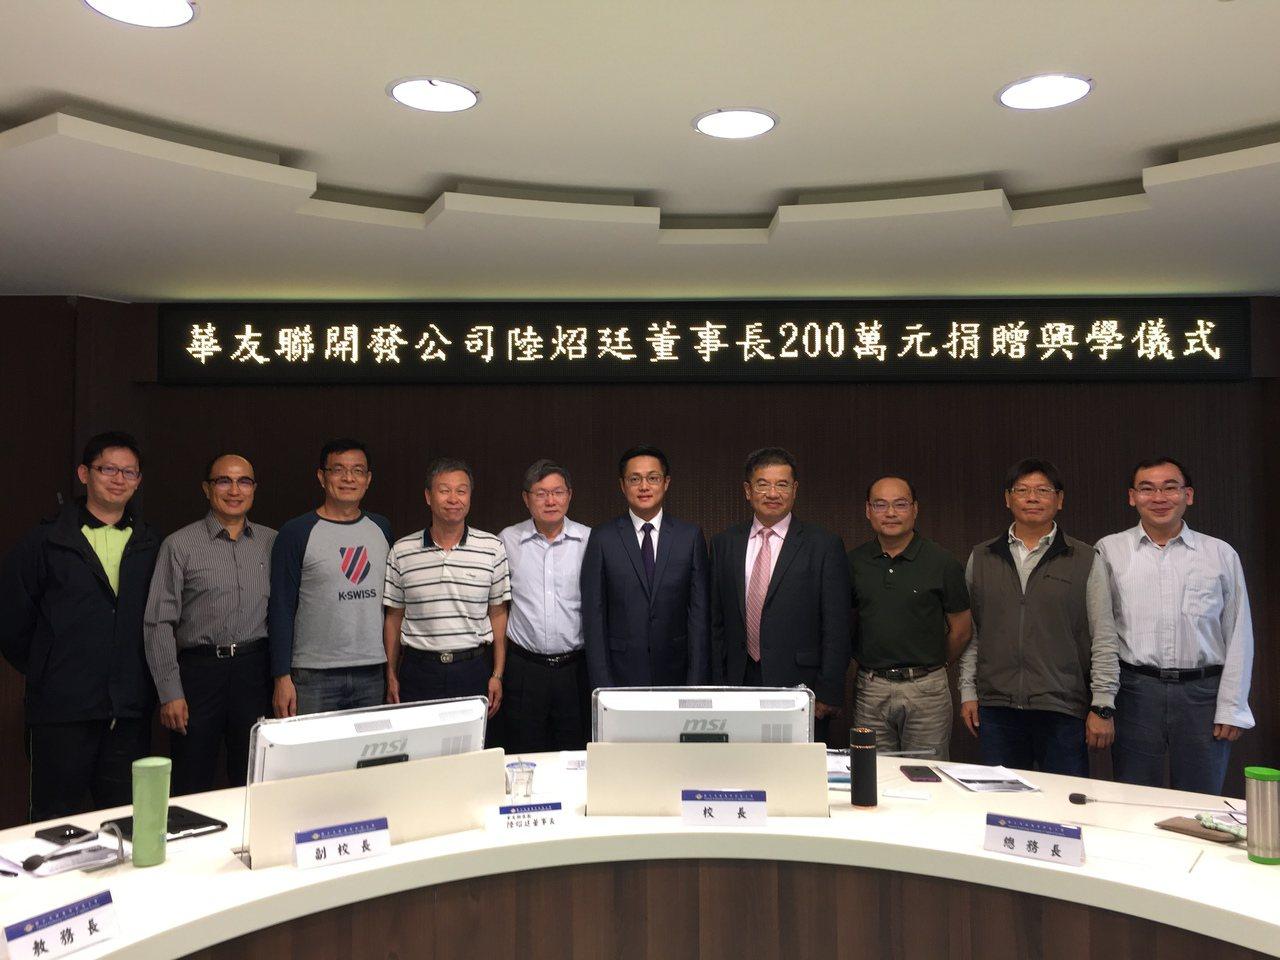 華友聯集團捐200萬元給國立高雄應用科技大學,助弱勢學子。